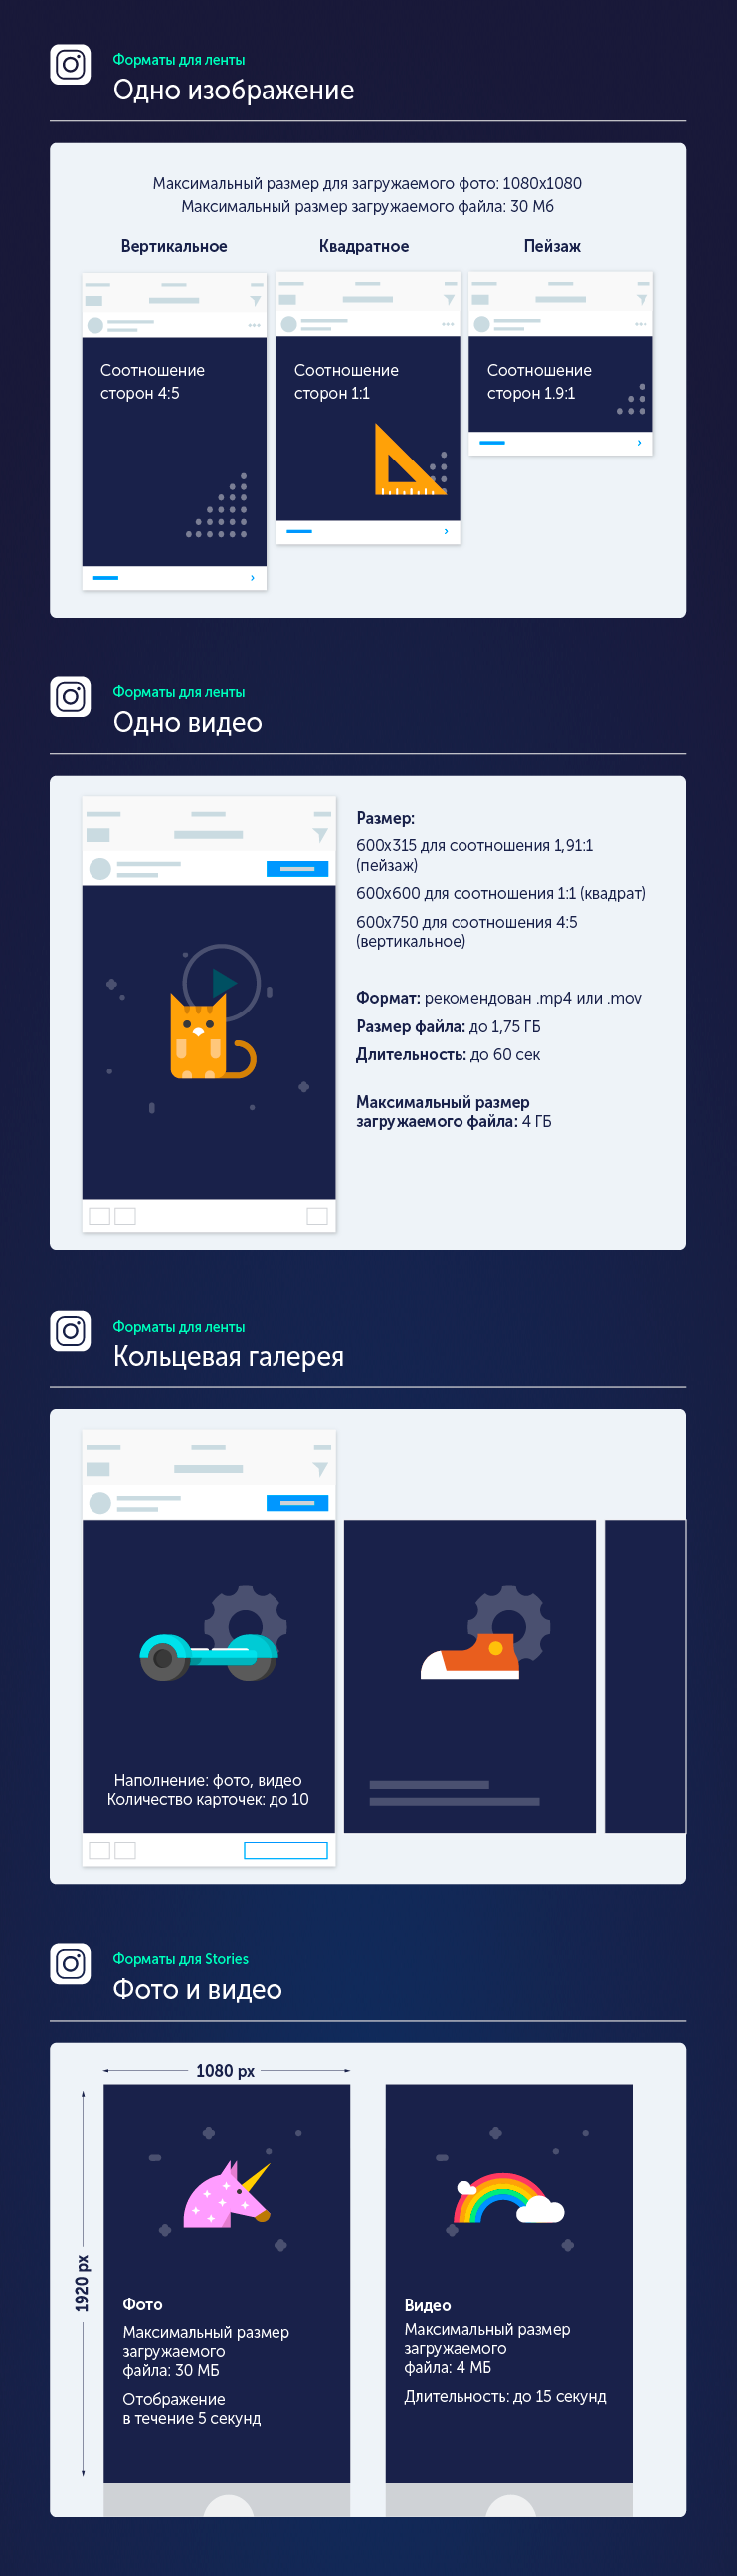 Форматы-и-размеры-для-креативов-в-Инстаграм.png